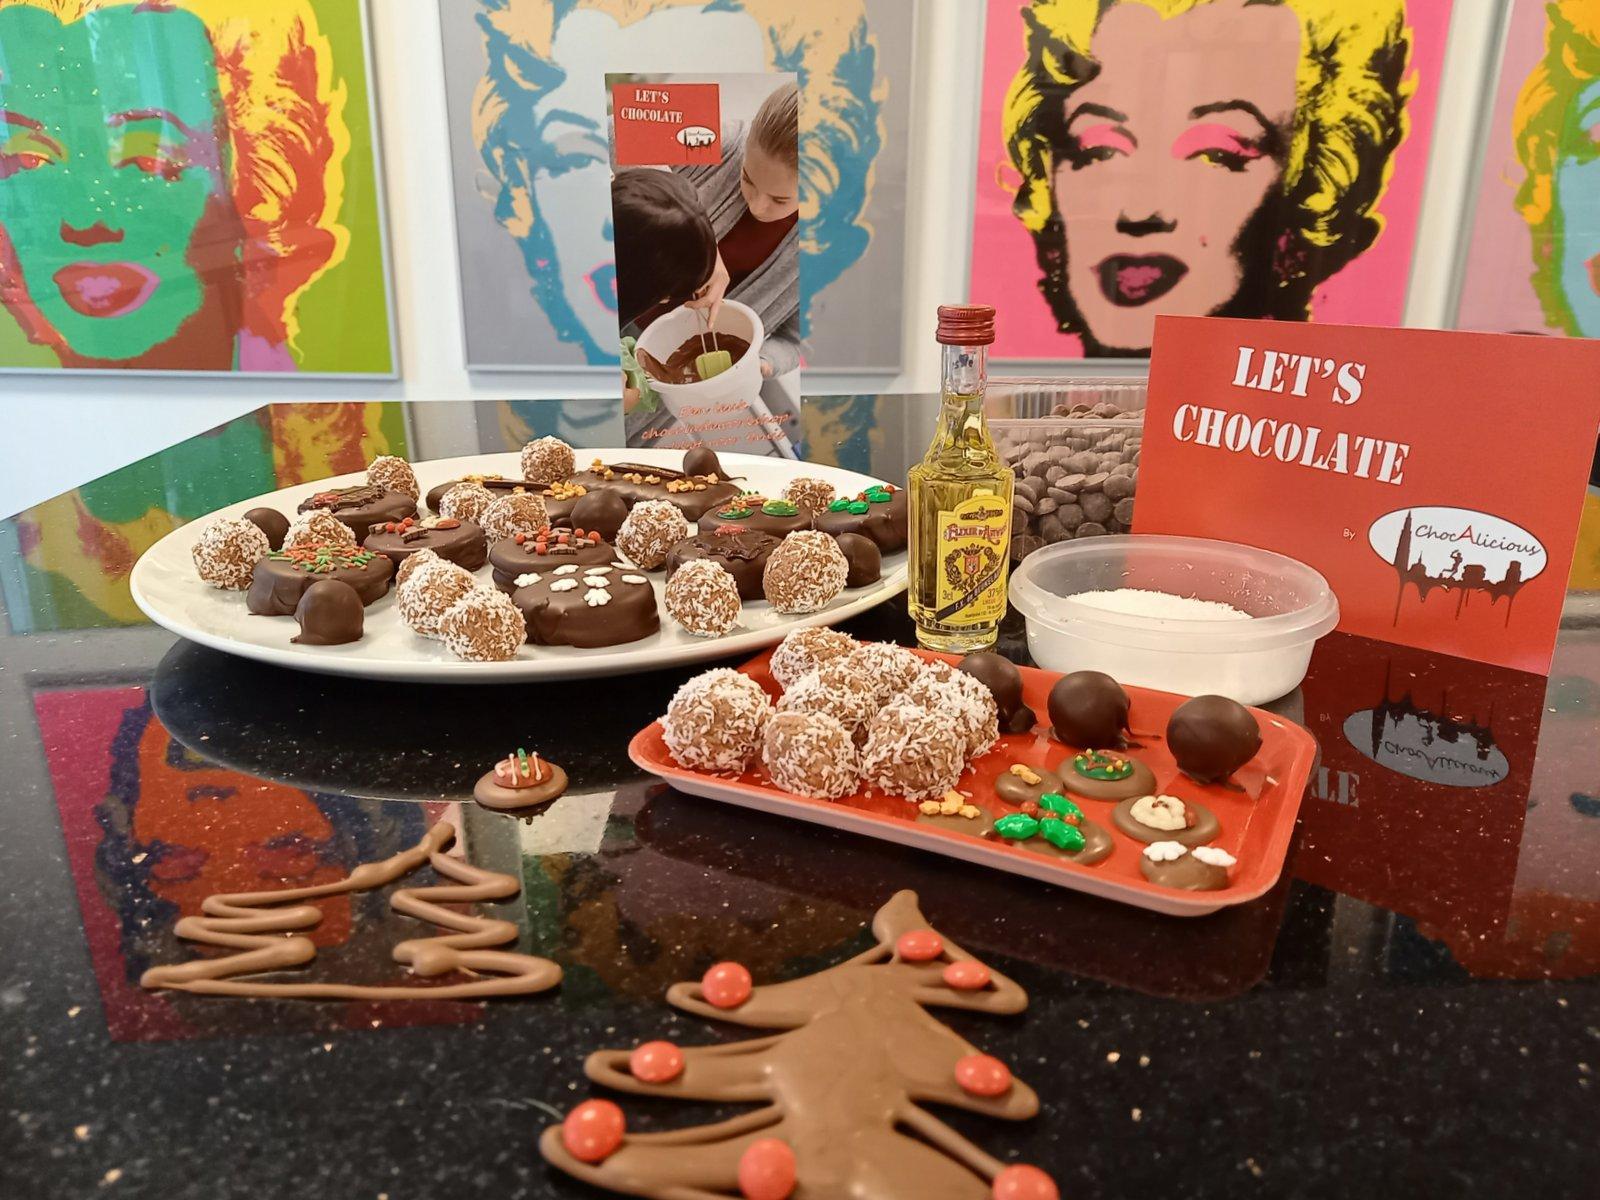 Happy Let's Chocolate DIY pakket